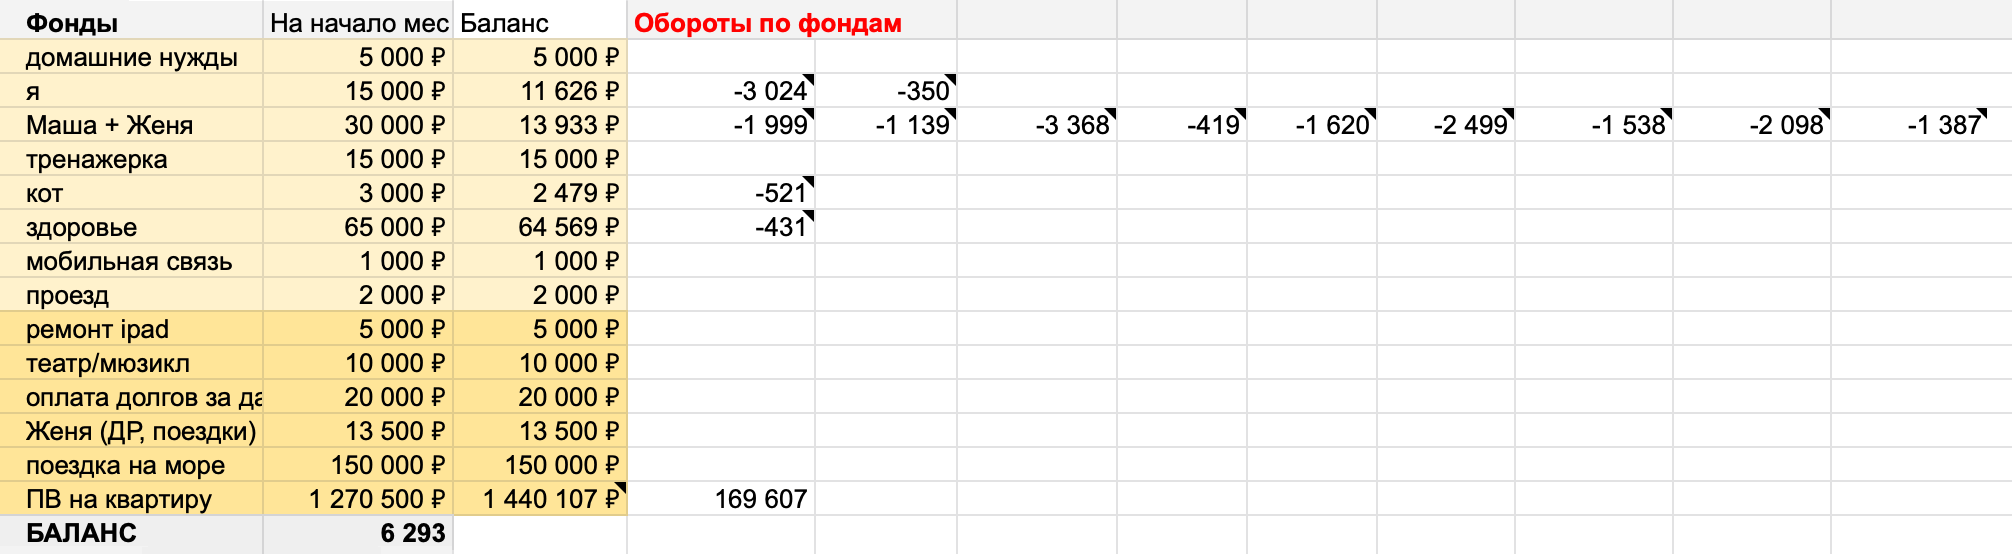 Баланс — 6293 рубля, есть свободные деньги. Добавлю их к фонду «ПВ на квартиру»